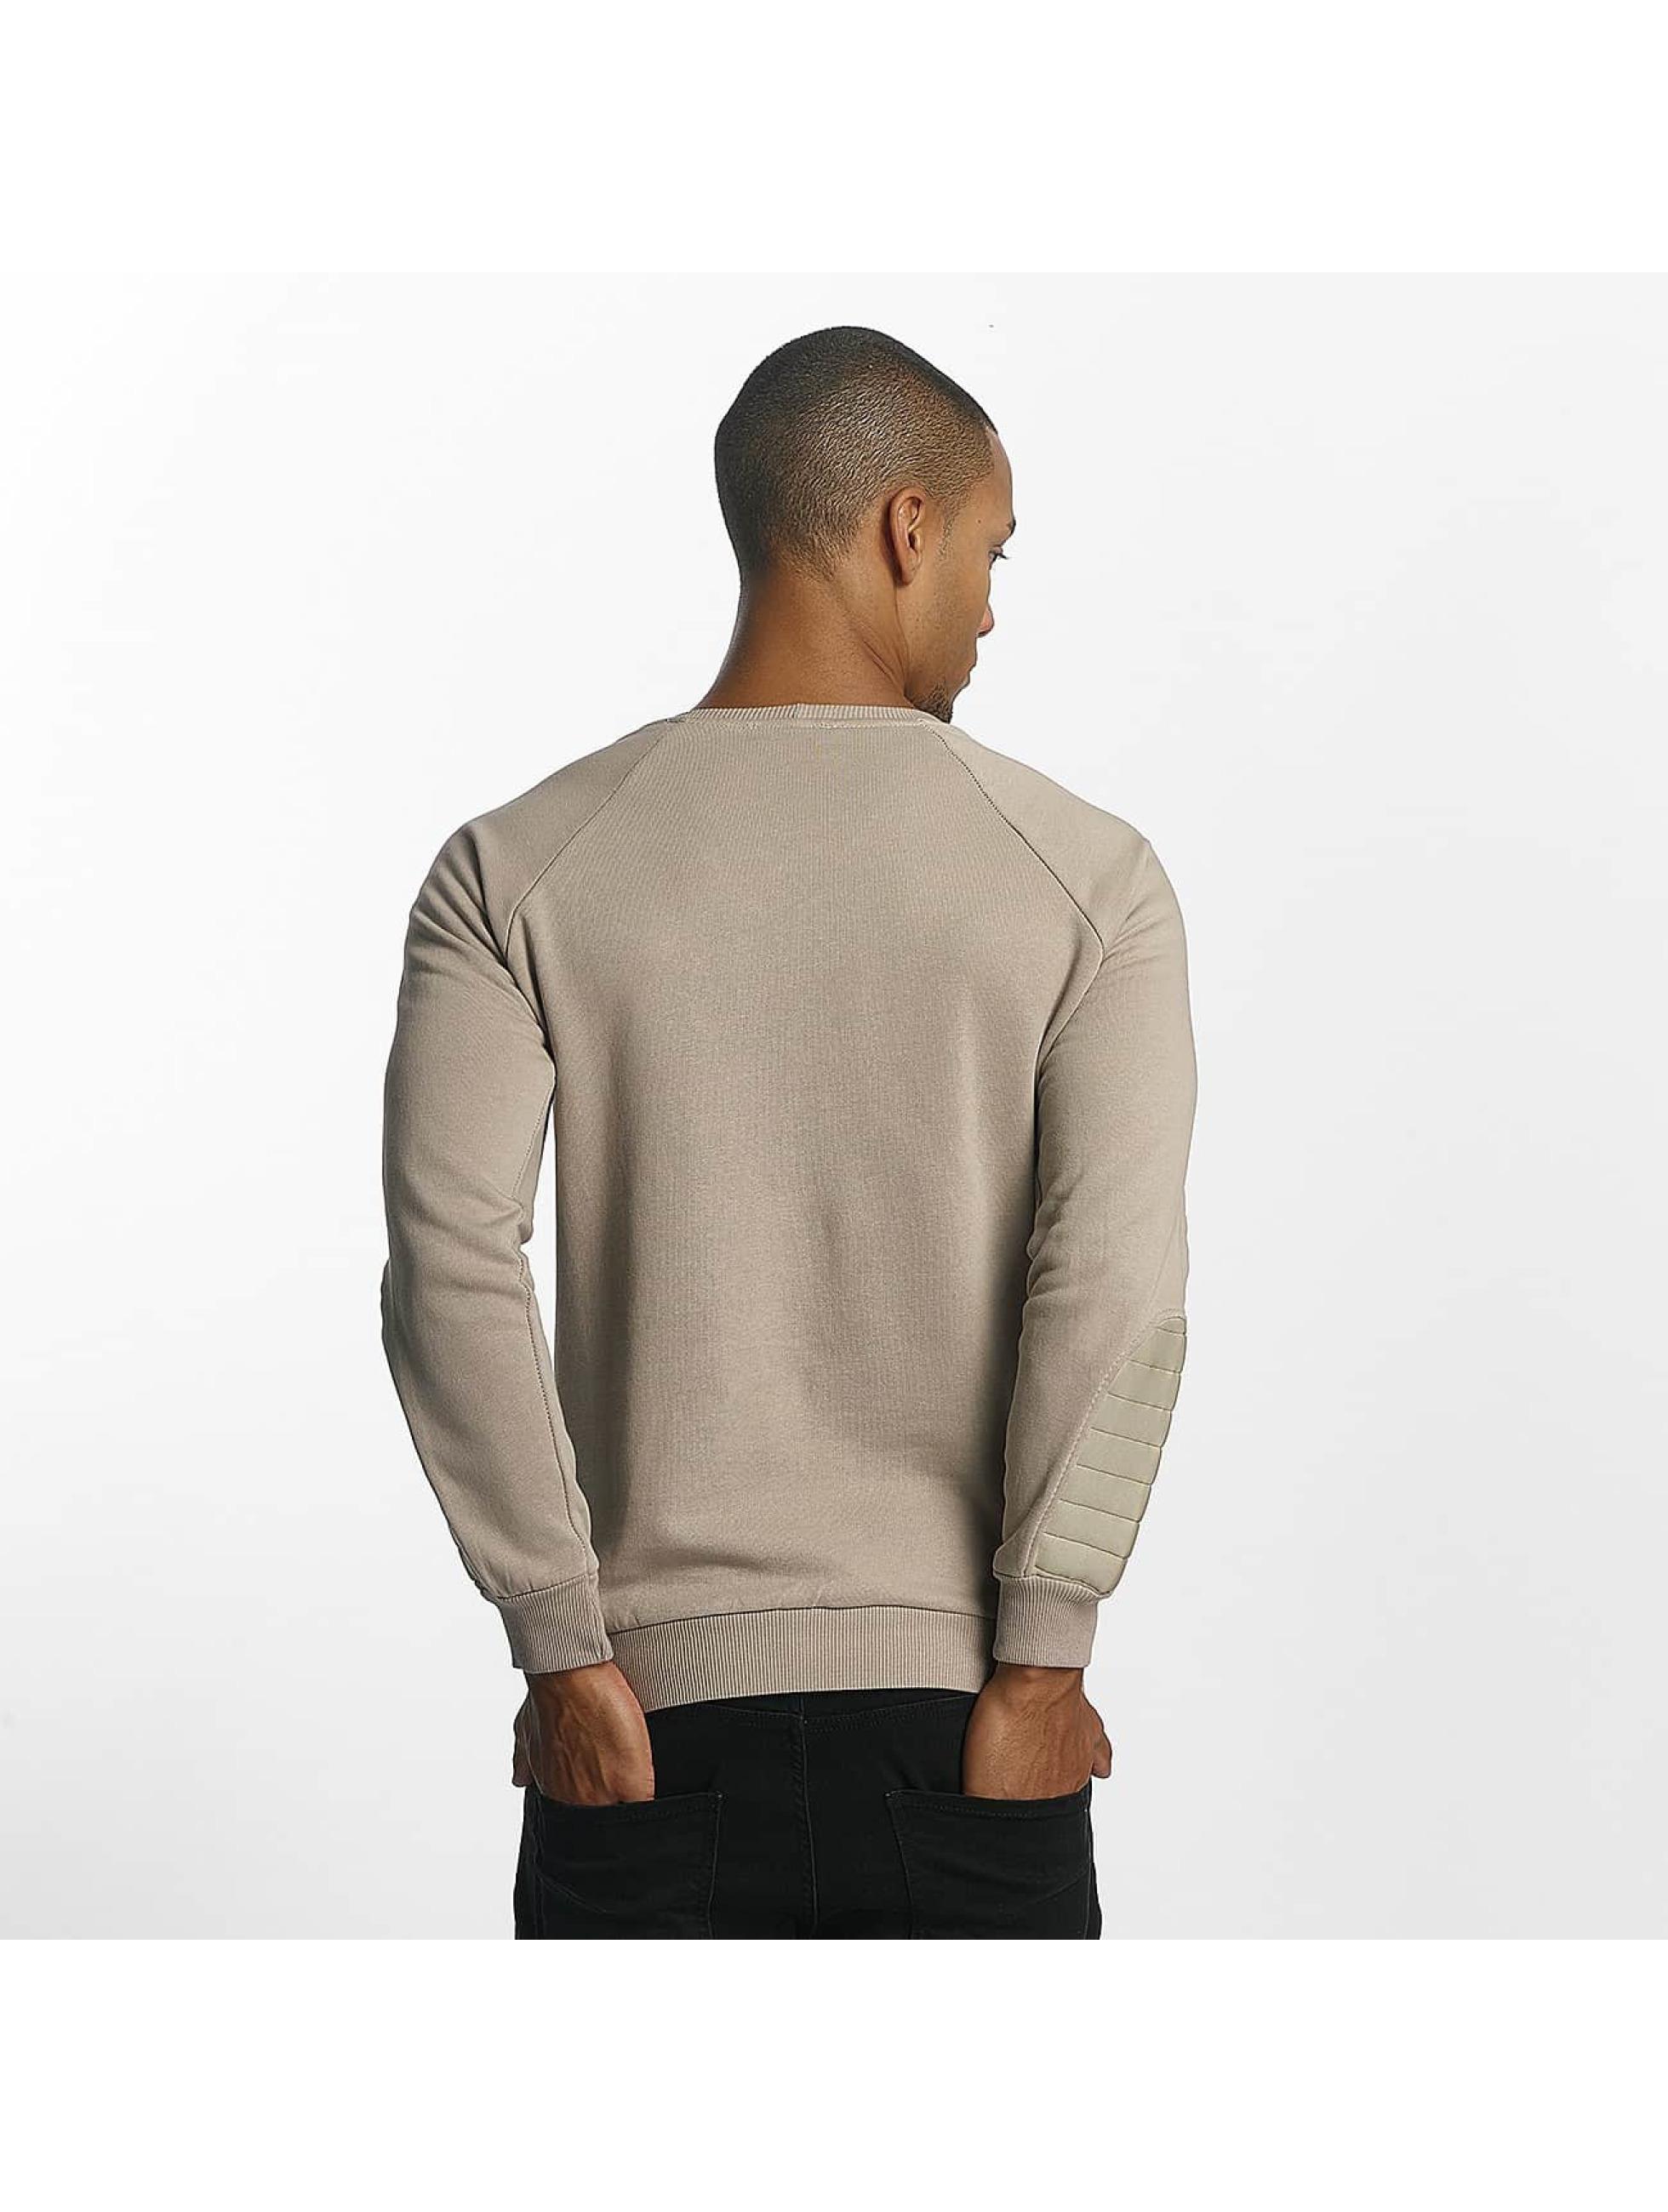 Uniplay Swetry Uniplay Sweatshirt bezowy